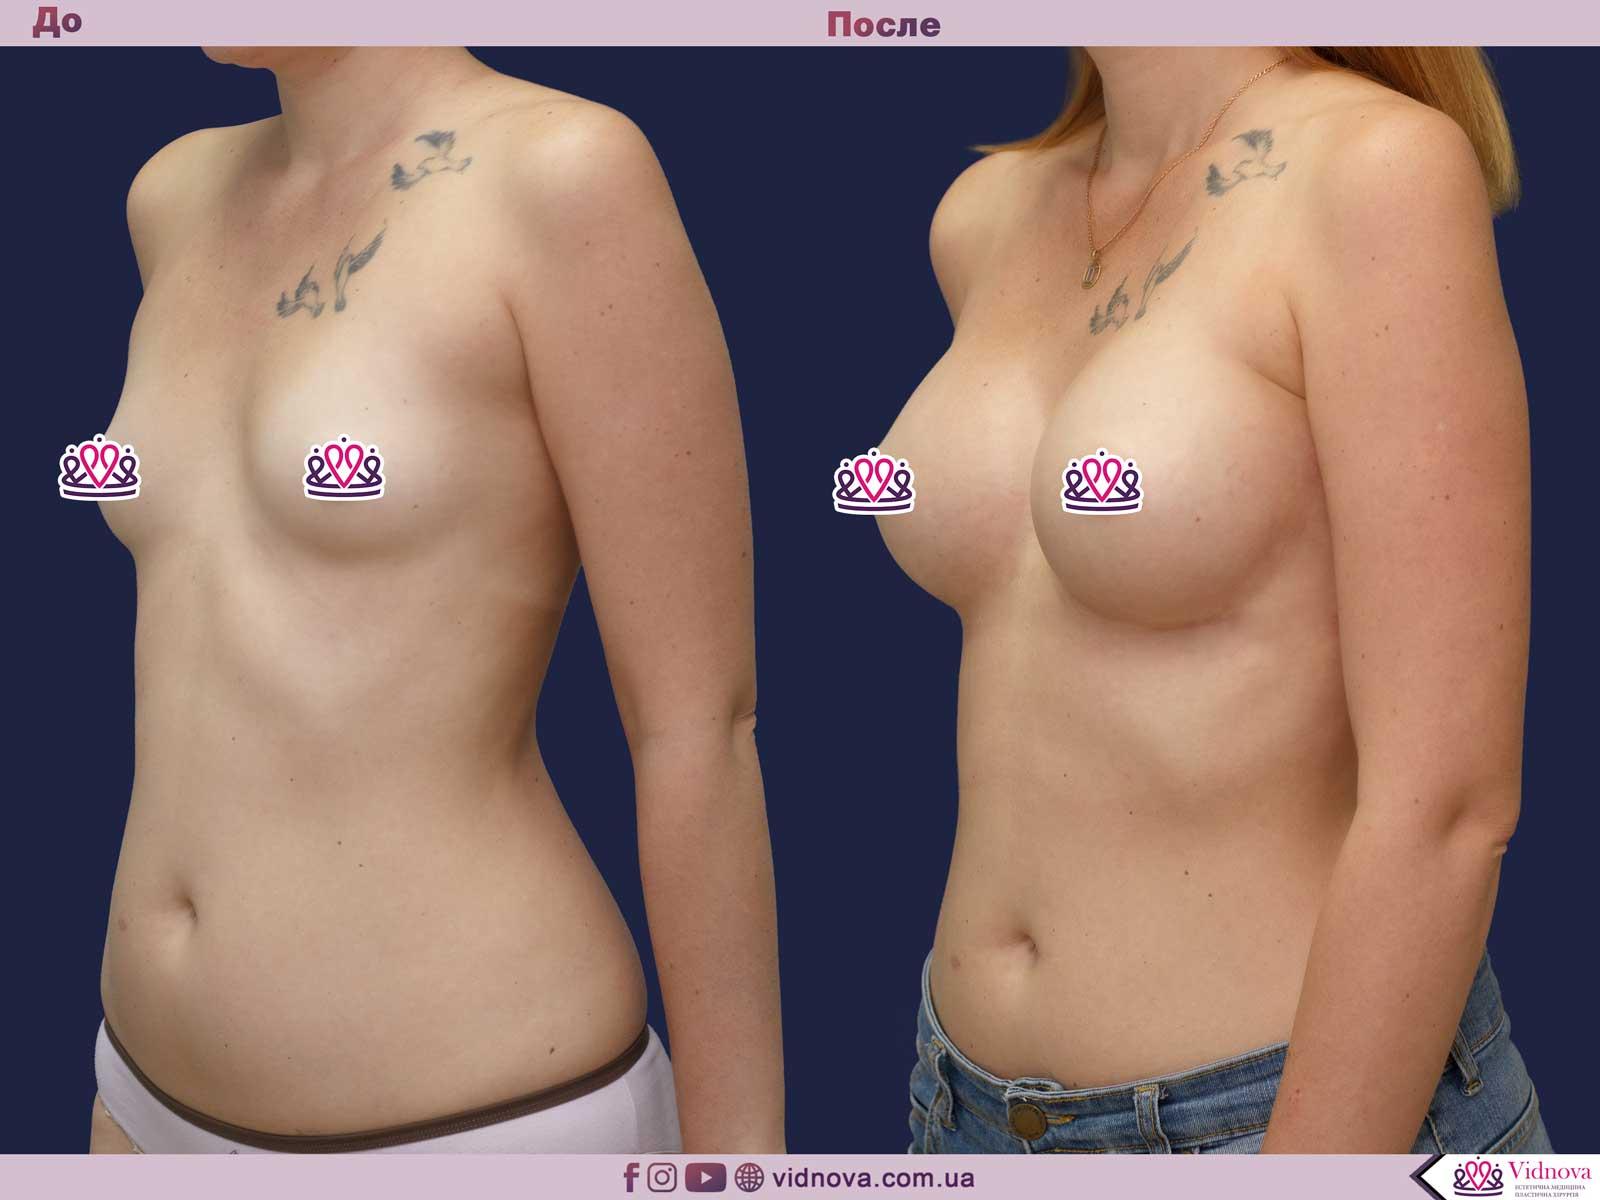 Пластика груди: результаты до и после - Пример №41-1 - Светлана Работенко